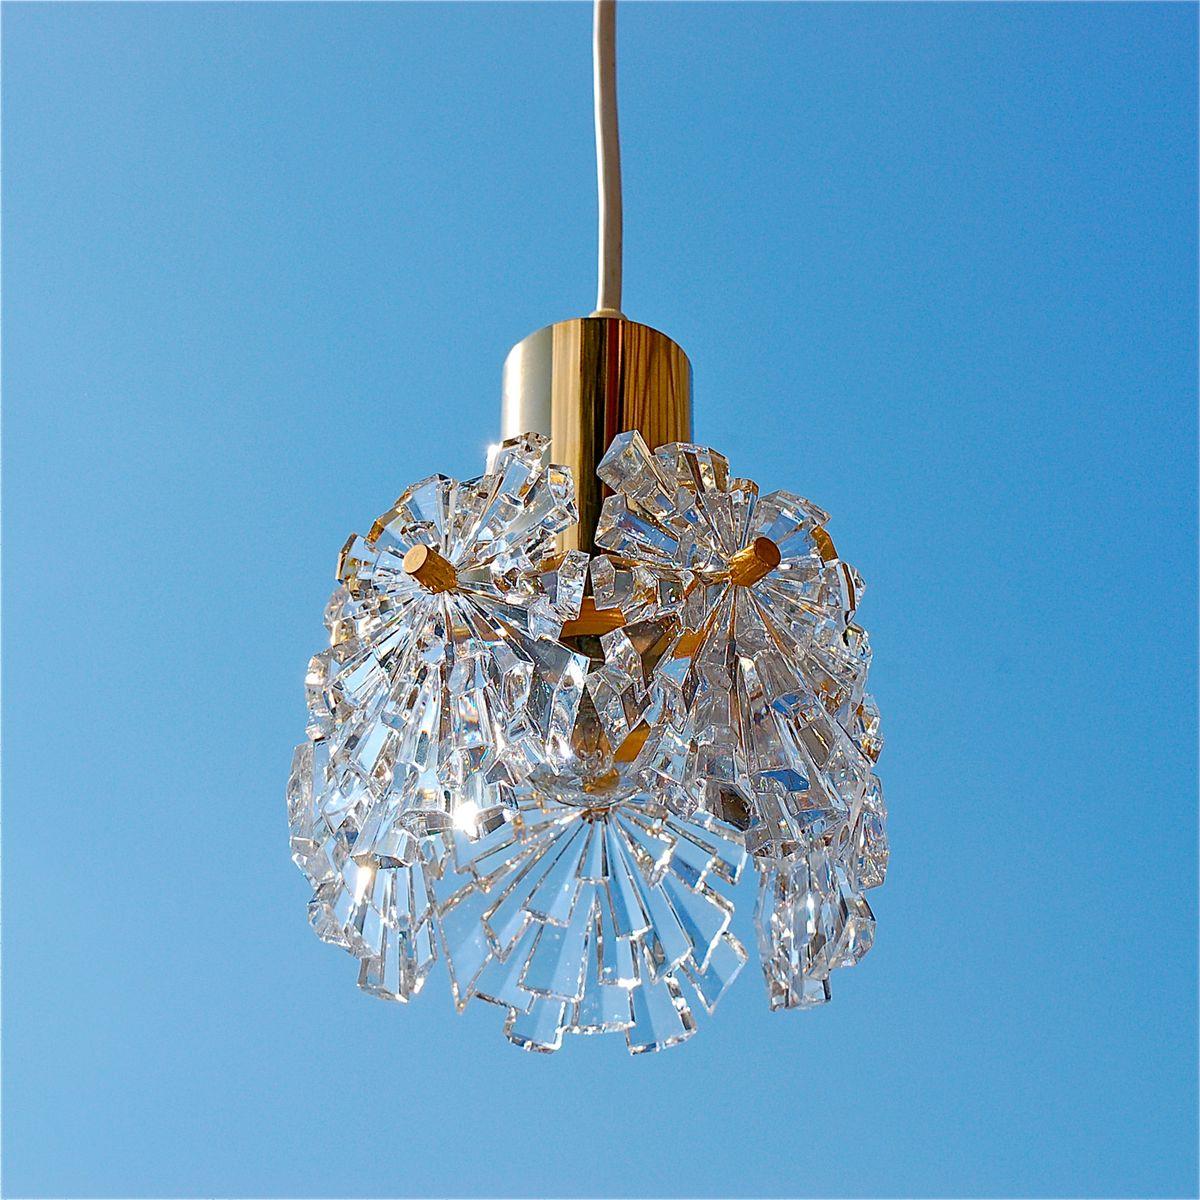 deutsche mid century modern kristallglas h ngelampen von. Black Bedroom Furniture Sets. Home Design Ideas